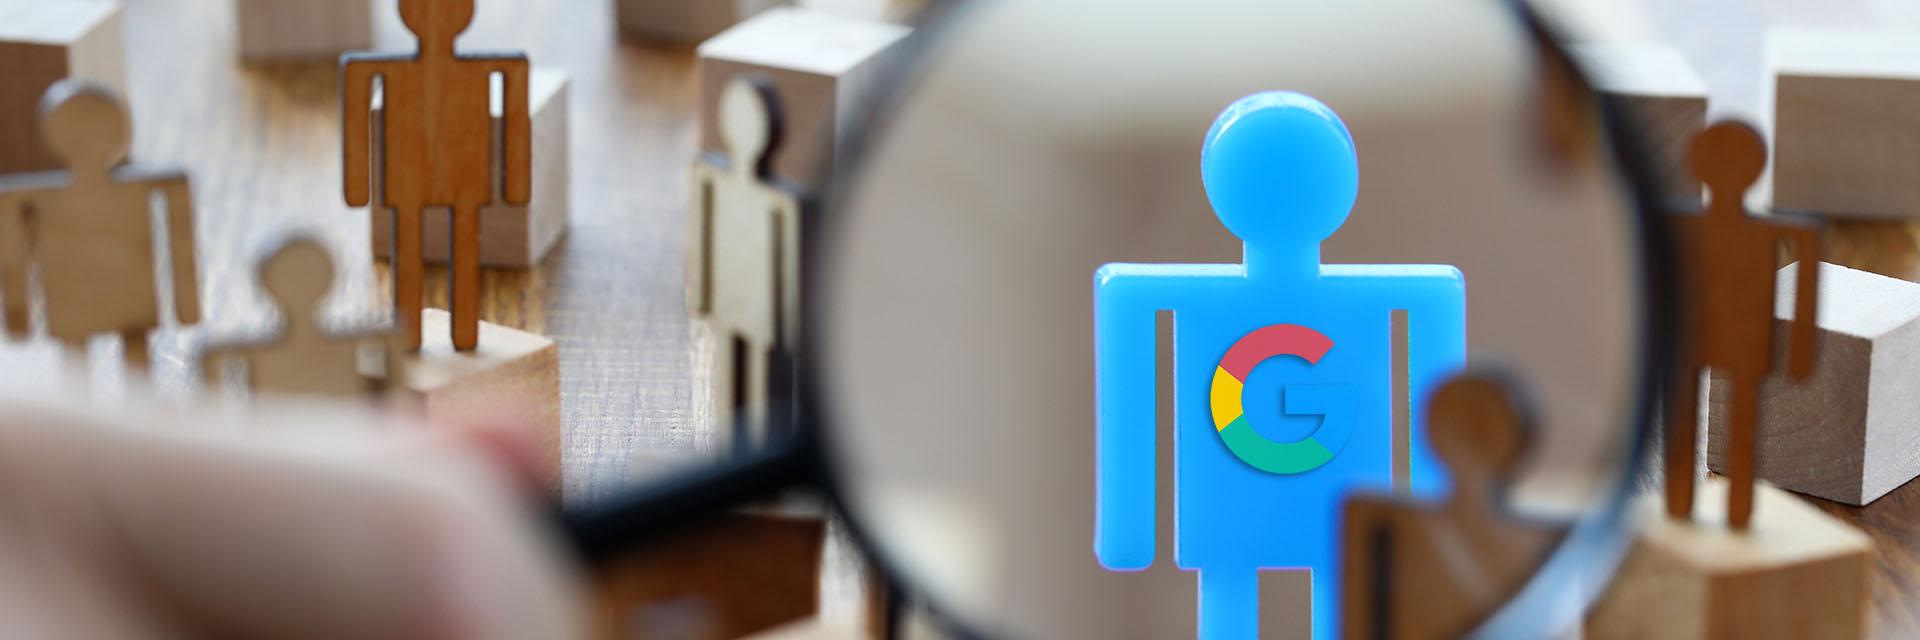 Jobs, immo, krediet:||Google treedt op